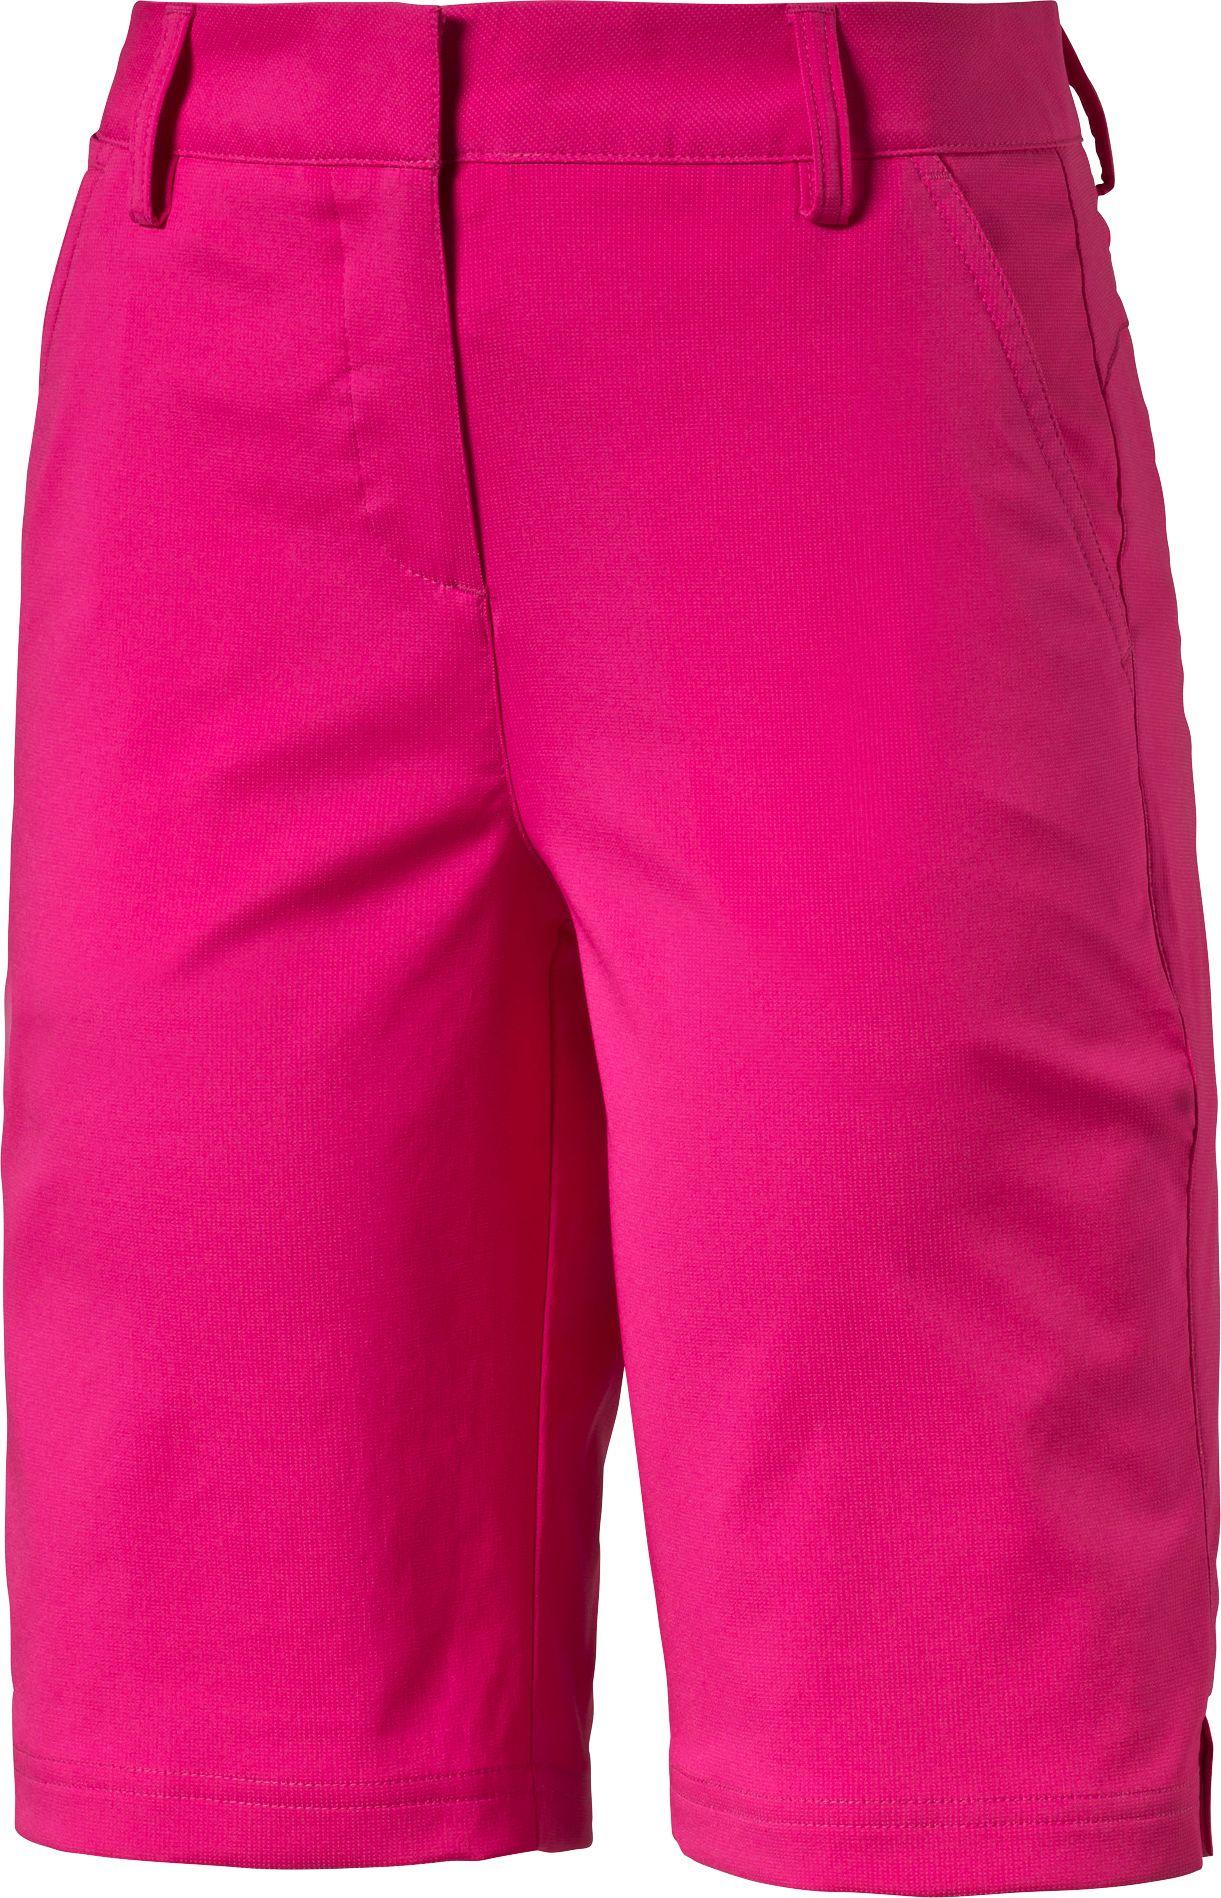 puma purple cycling shorts